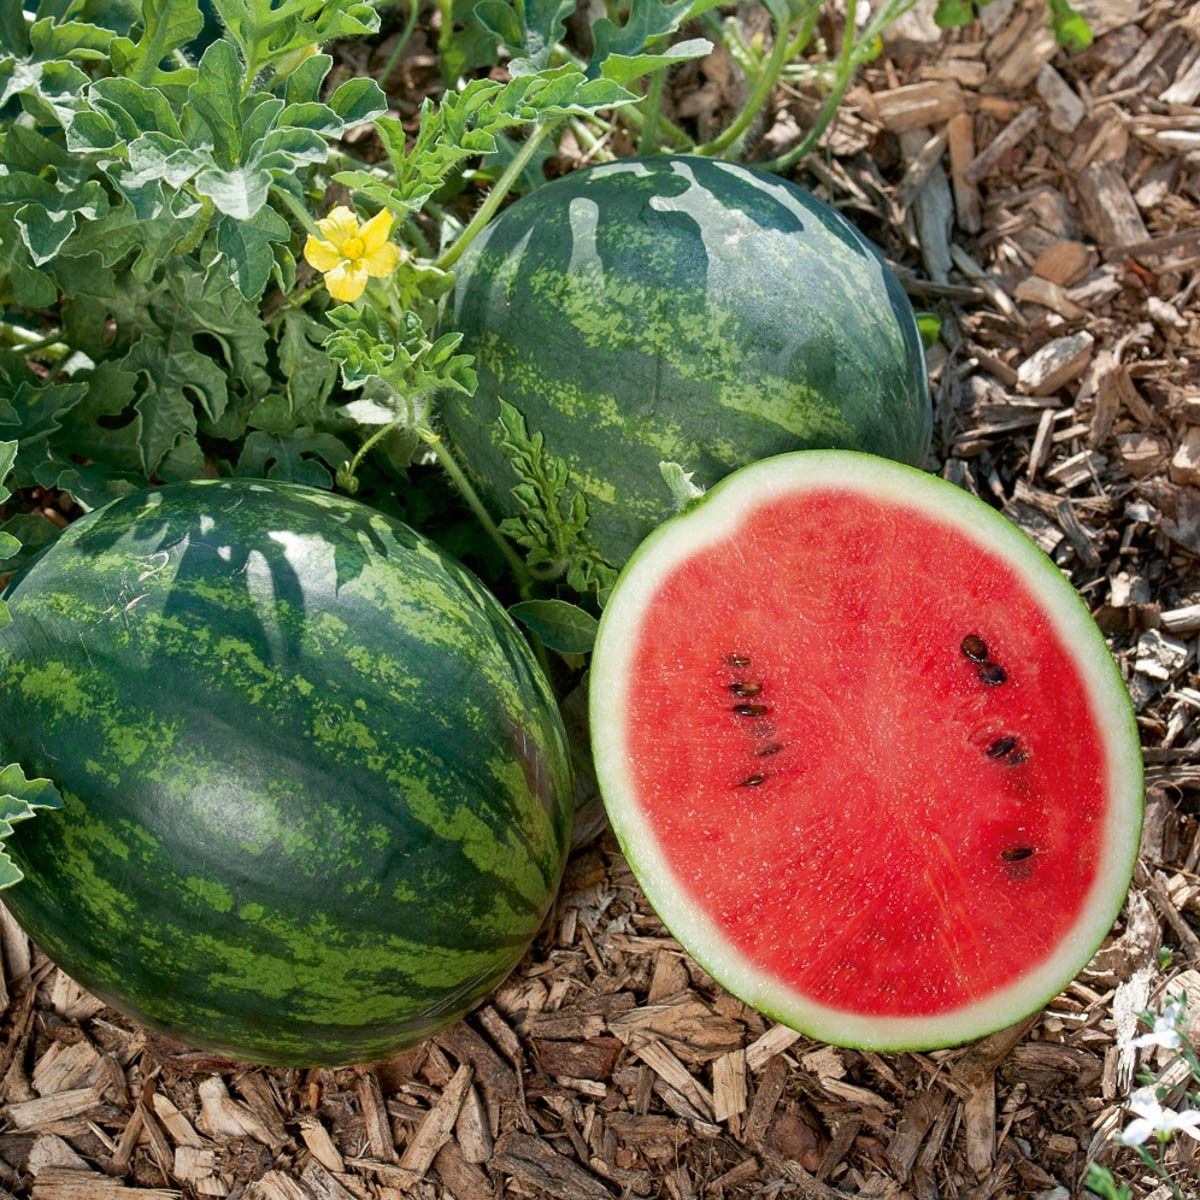 Mini Wassermelone Mini Love Die Kleinsten Wassermelonen Der Welt Volmary Pflanzenshop Mini Wassermelone Wassermelone Pflanzen Wassermelone